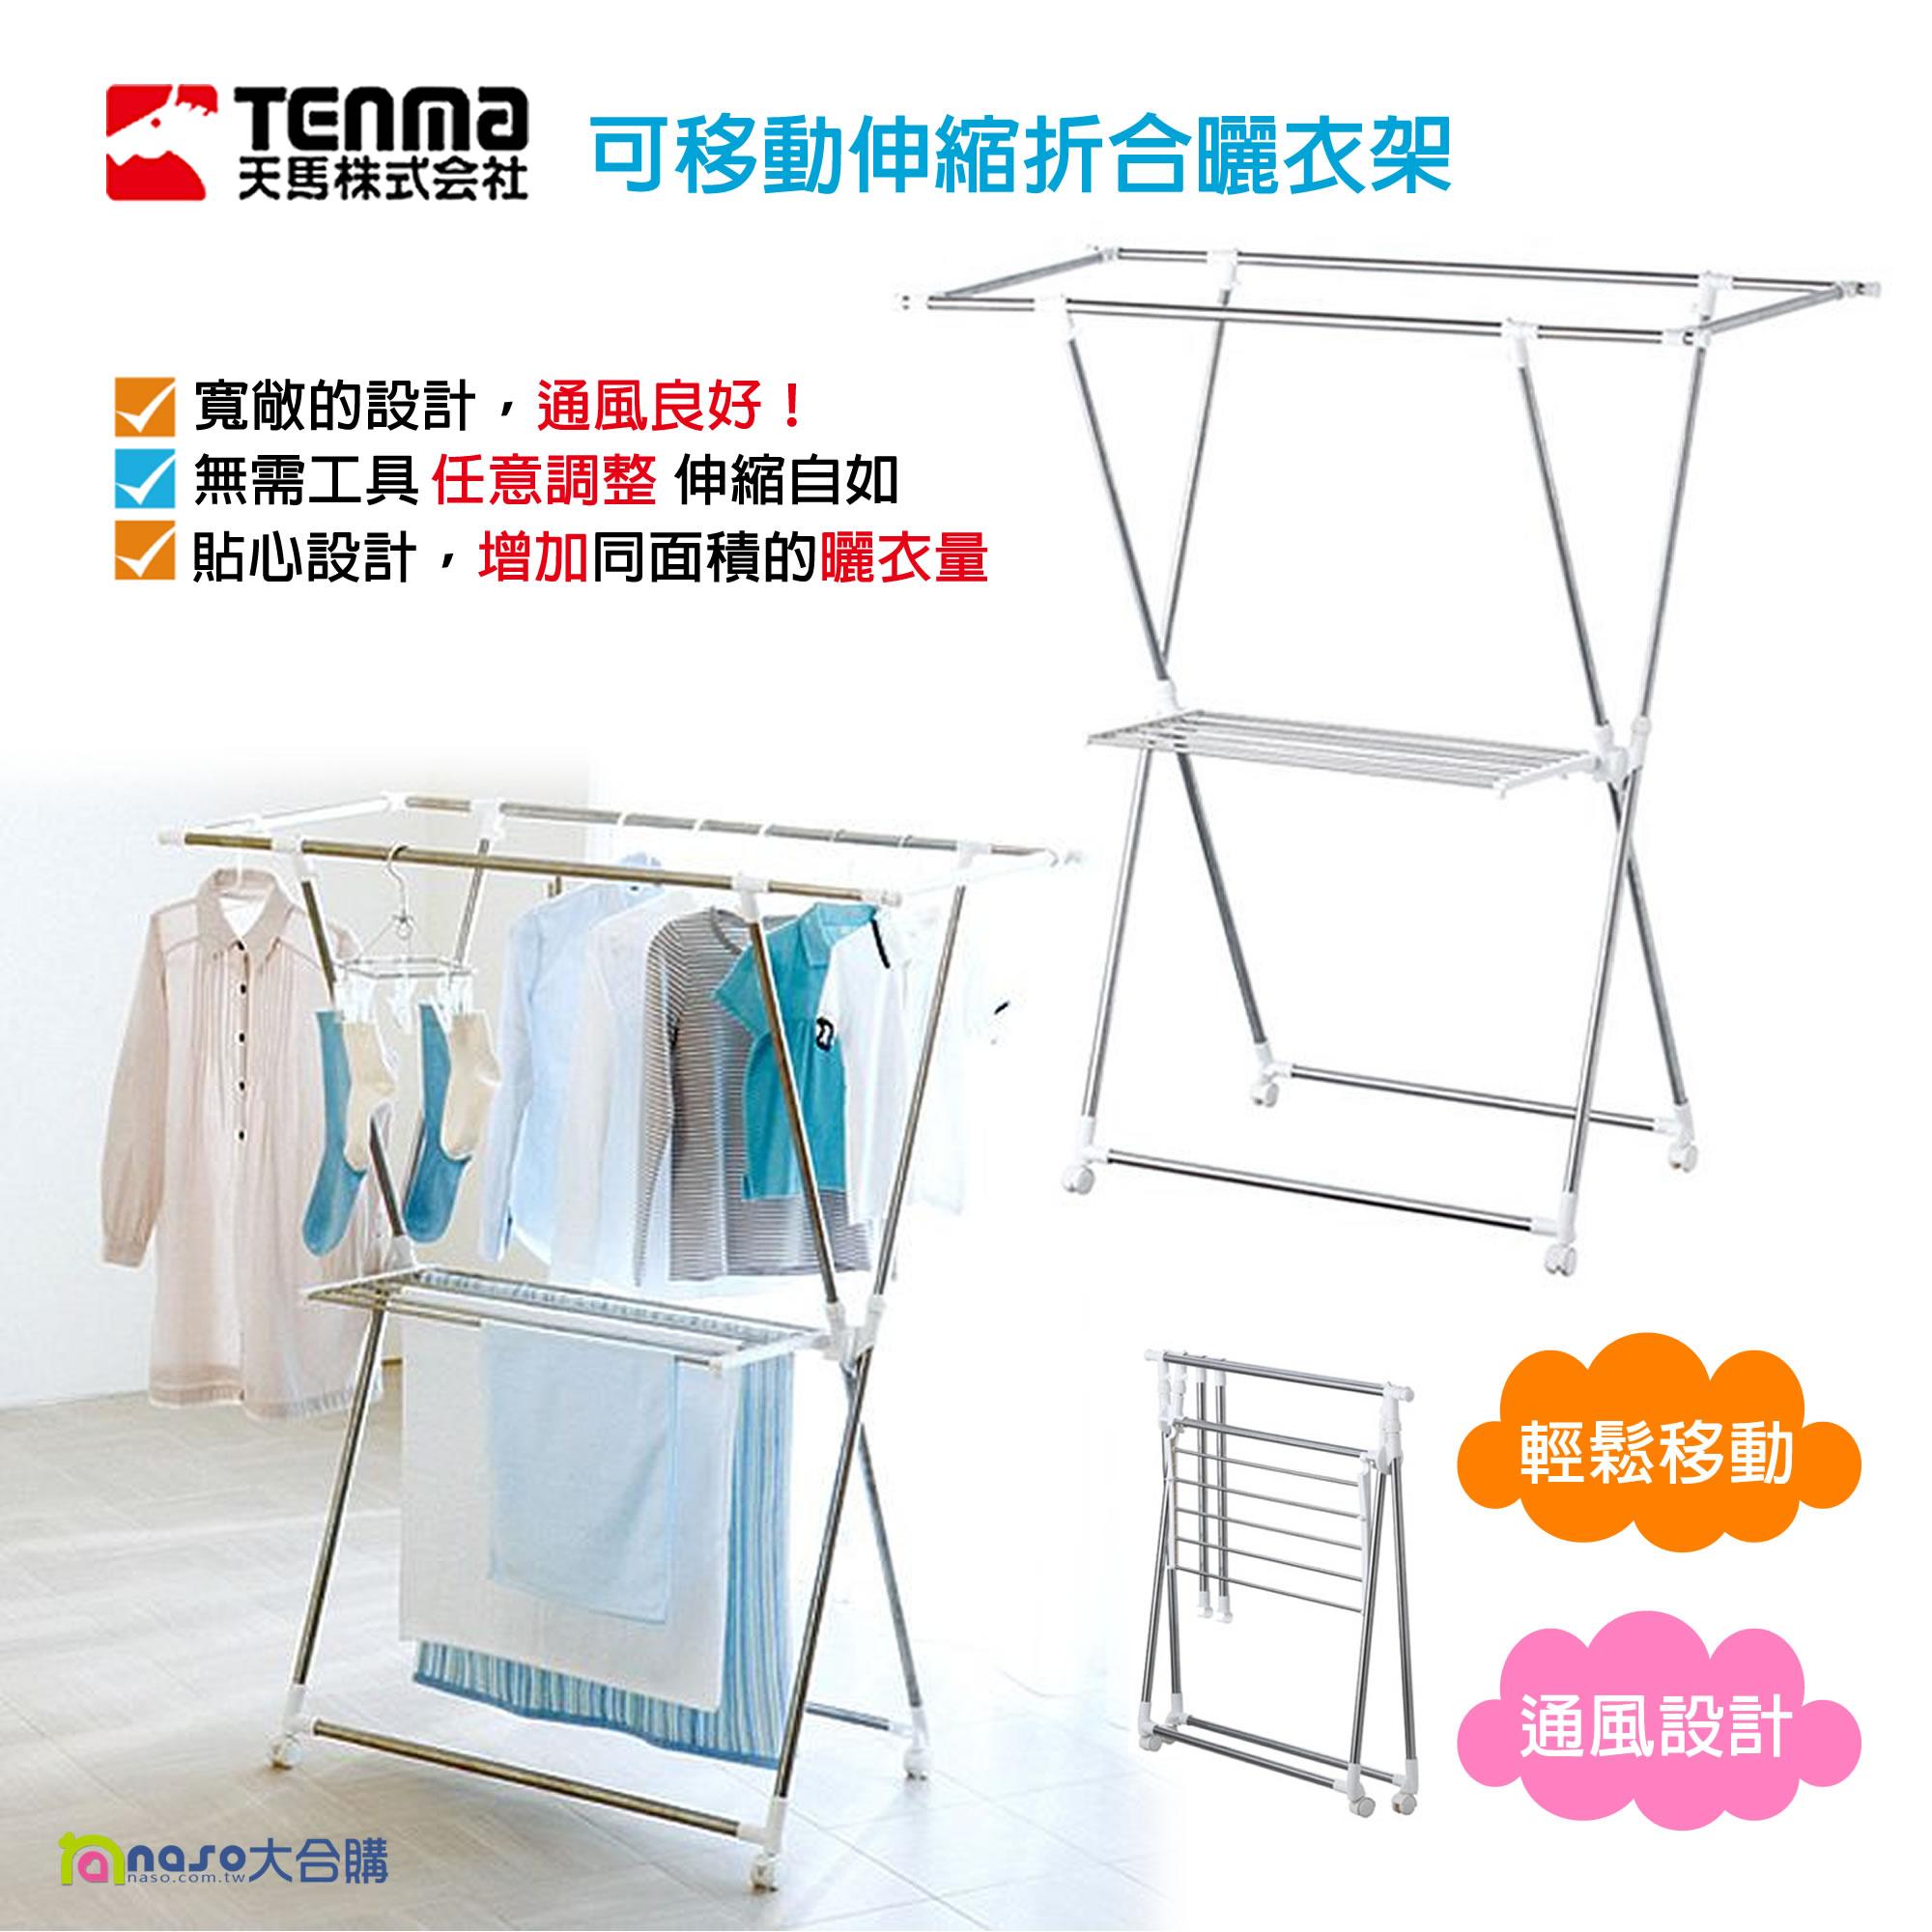 日本天馬Tenma可移動伸縮折合曬衣架 好評第4團